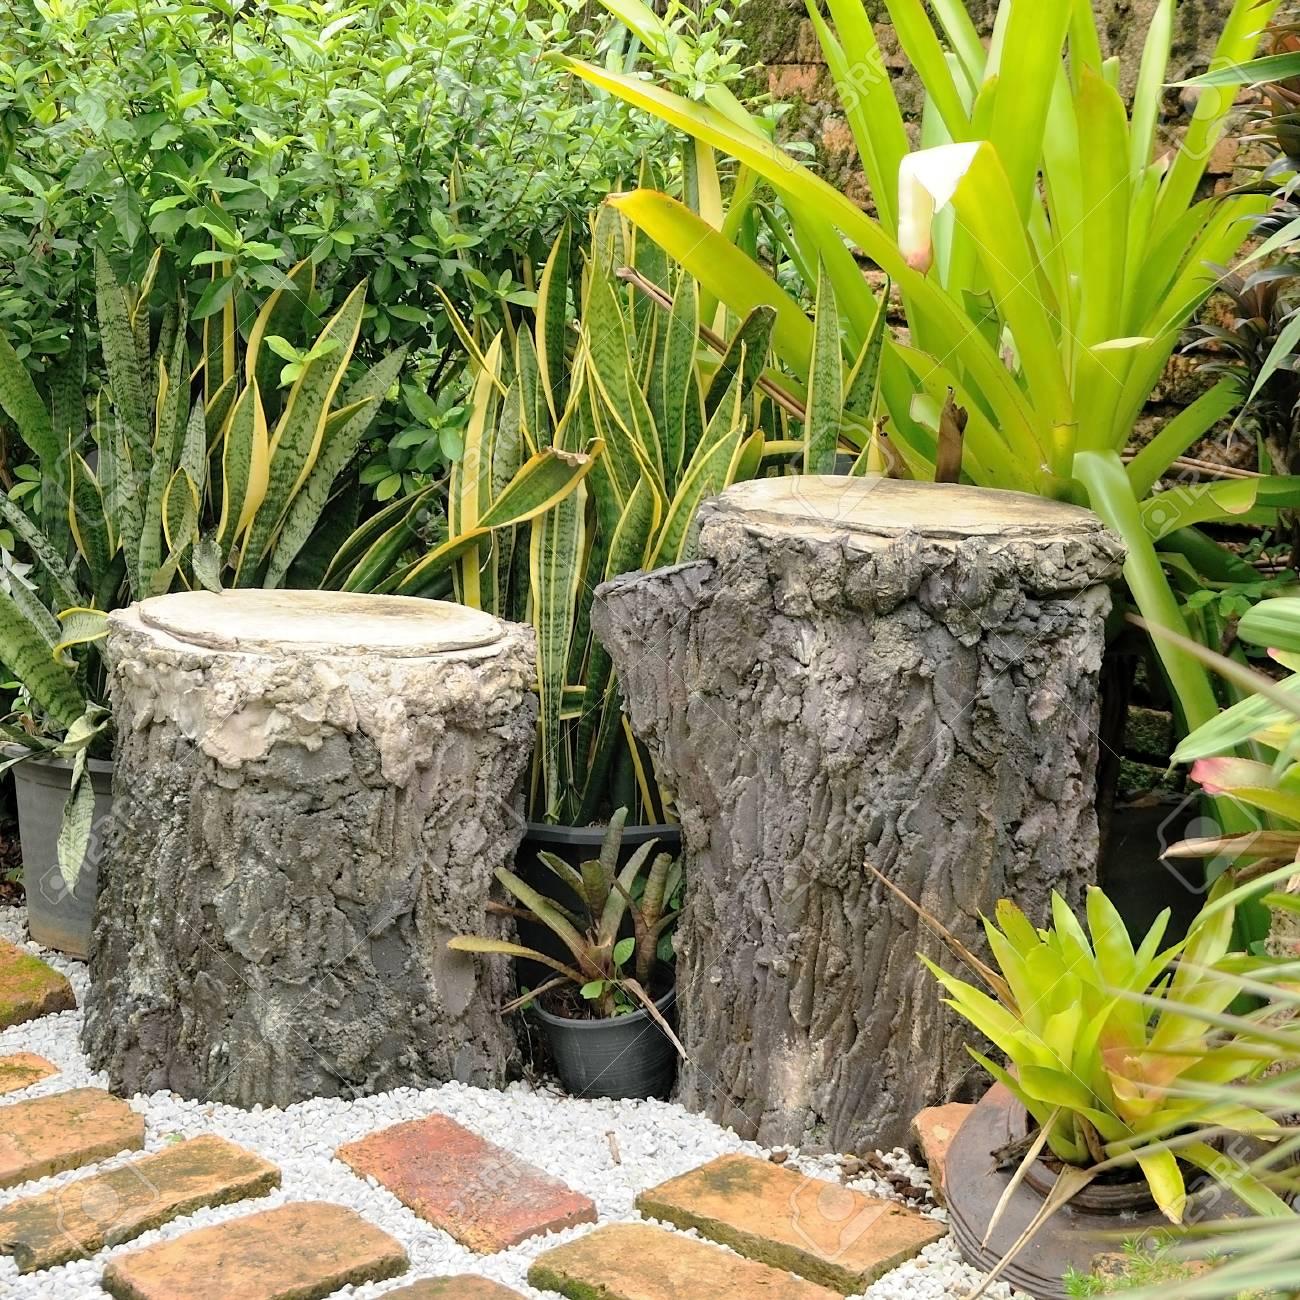 Doppelbaumstümpfe Sitz Im Garten, Gartendesign. Standard Bild   64122429